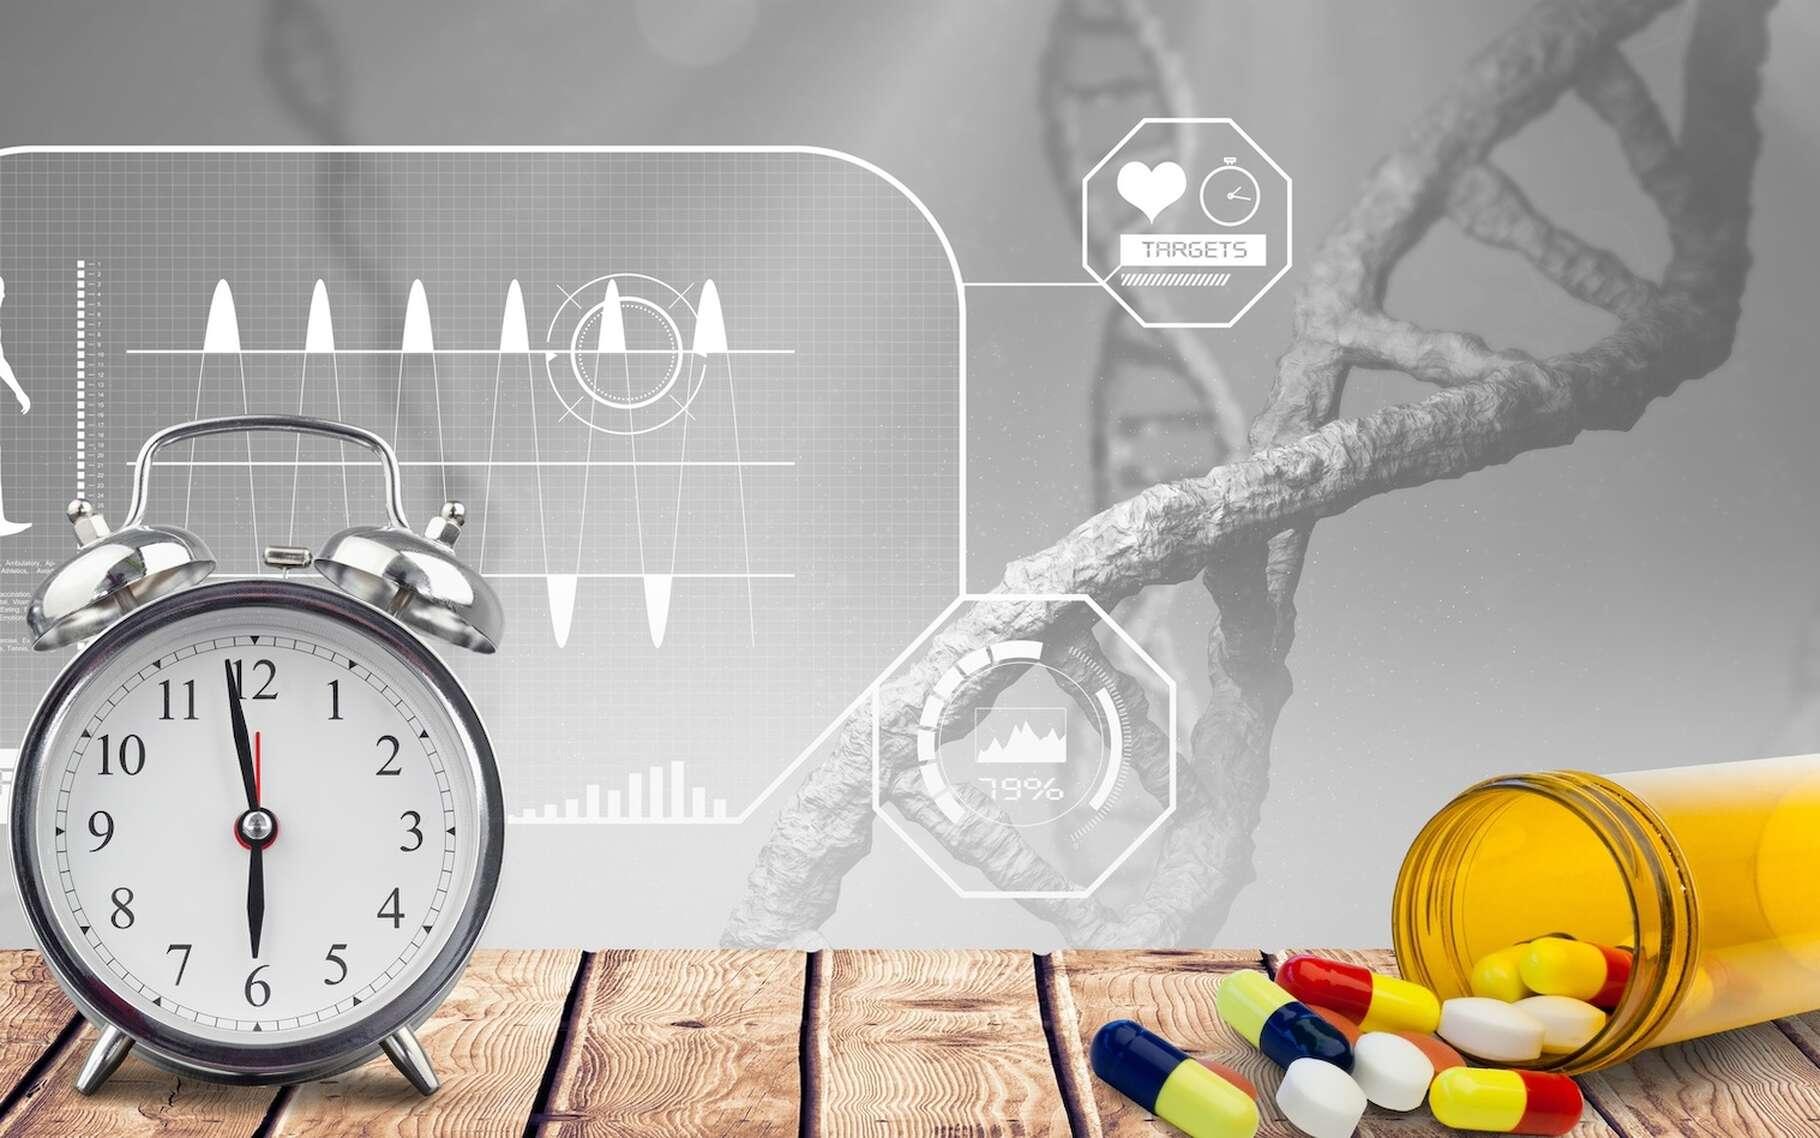 Des chercheurs de l'université de Pennsylvanie (États-Unis) ont identifié un mécanisme lié à la perturbation du rythme circadien qui pourrait être responsable de la croissance tumorale. Ils montrent ainsi que le traitement du cancer pourrait être plus efficace à certains moments précis de la journée. © vectorfusionart, Fotolia